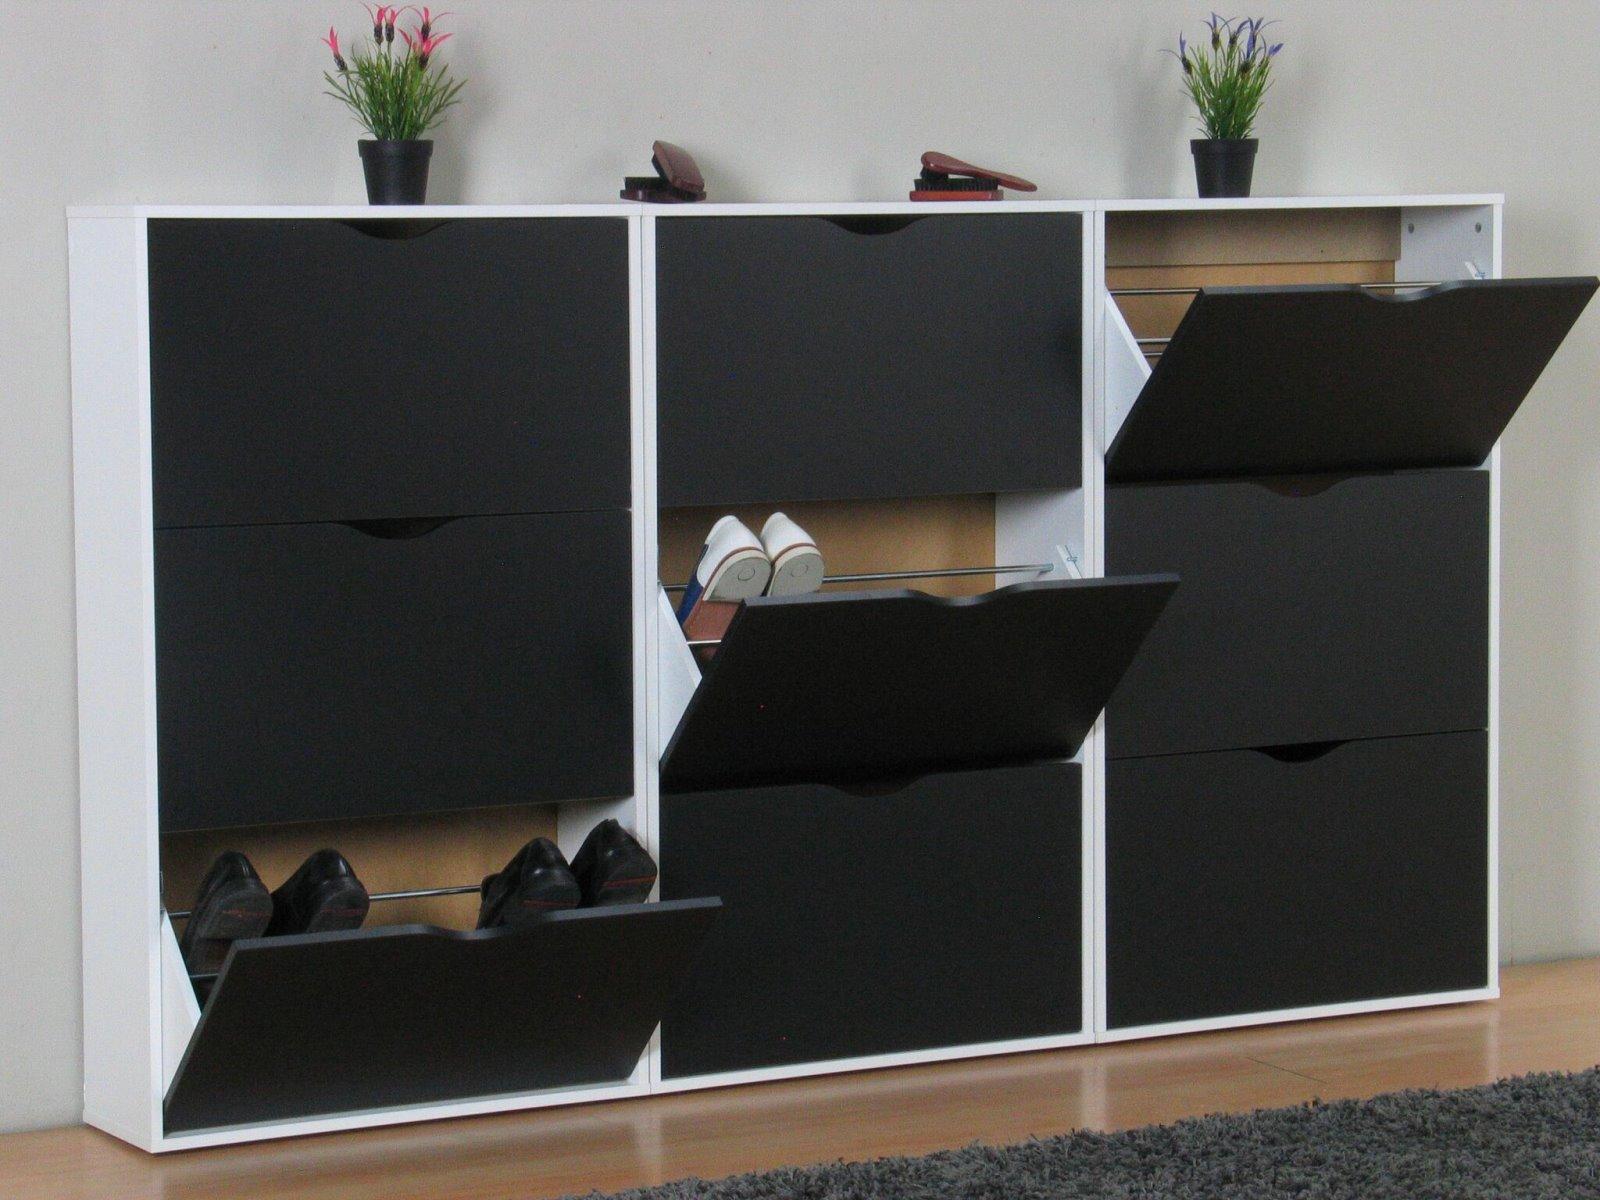 3x schuhschrank napoli schuhkipper schuhregal flur dielen schrank schwarz wei m bel wohnen flur. Black Bedroom Furniture Sets. Home Design Ideas